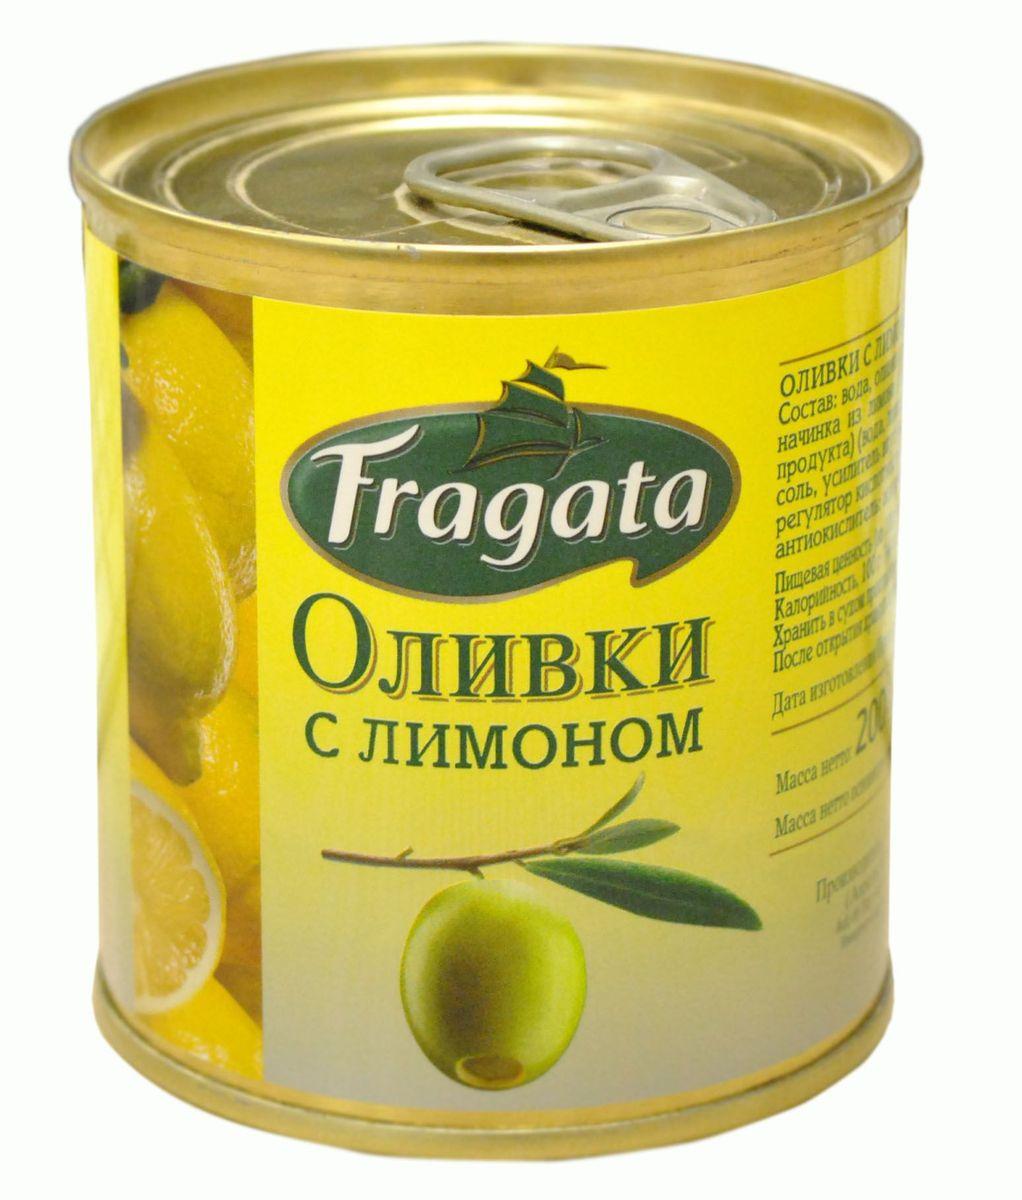 Fragata оливки с лимоном, 200 г34116Маслины и оливки Fragata производятся компанией Angel Camacho, лучшим испанским производителем высококачественных оливок и маслин в среднем ценовом сегменте уже в течение 100 лет.